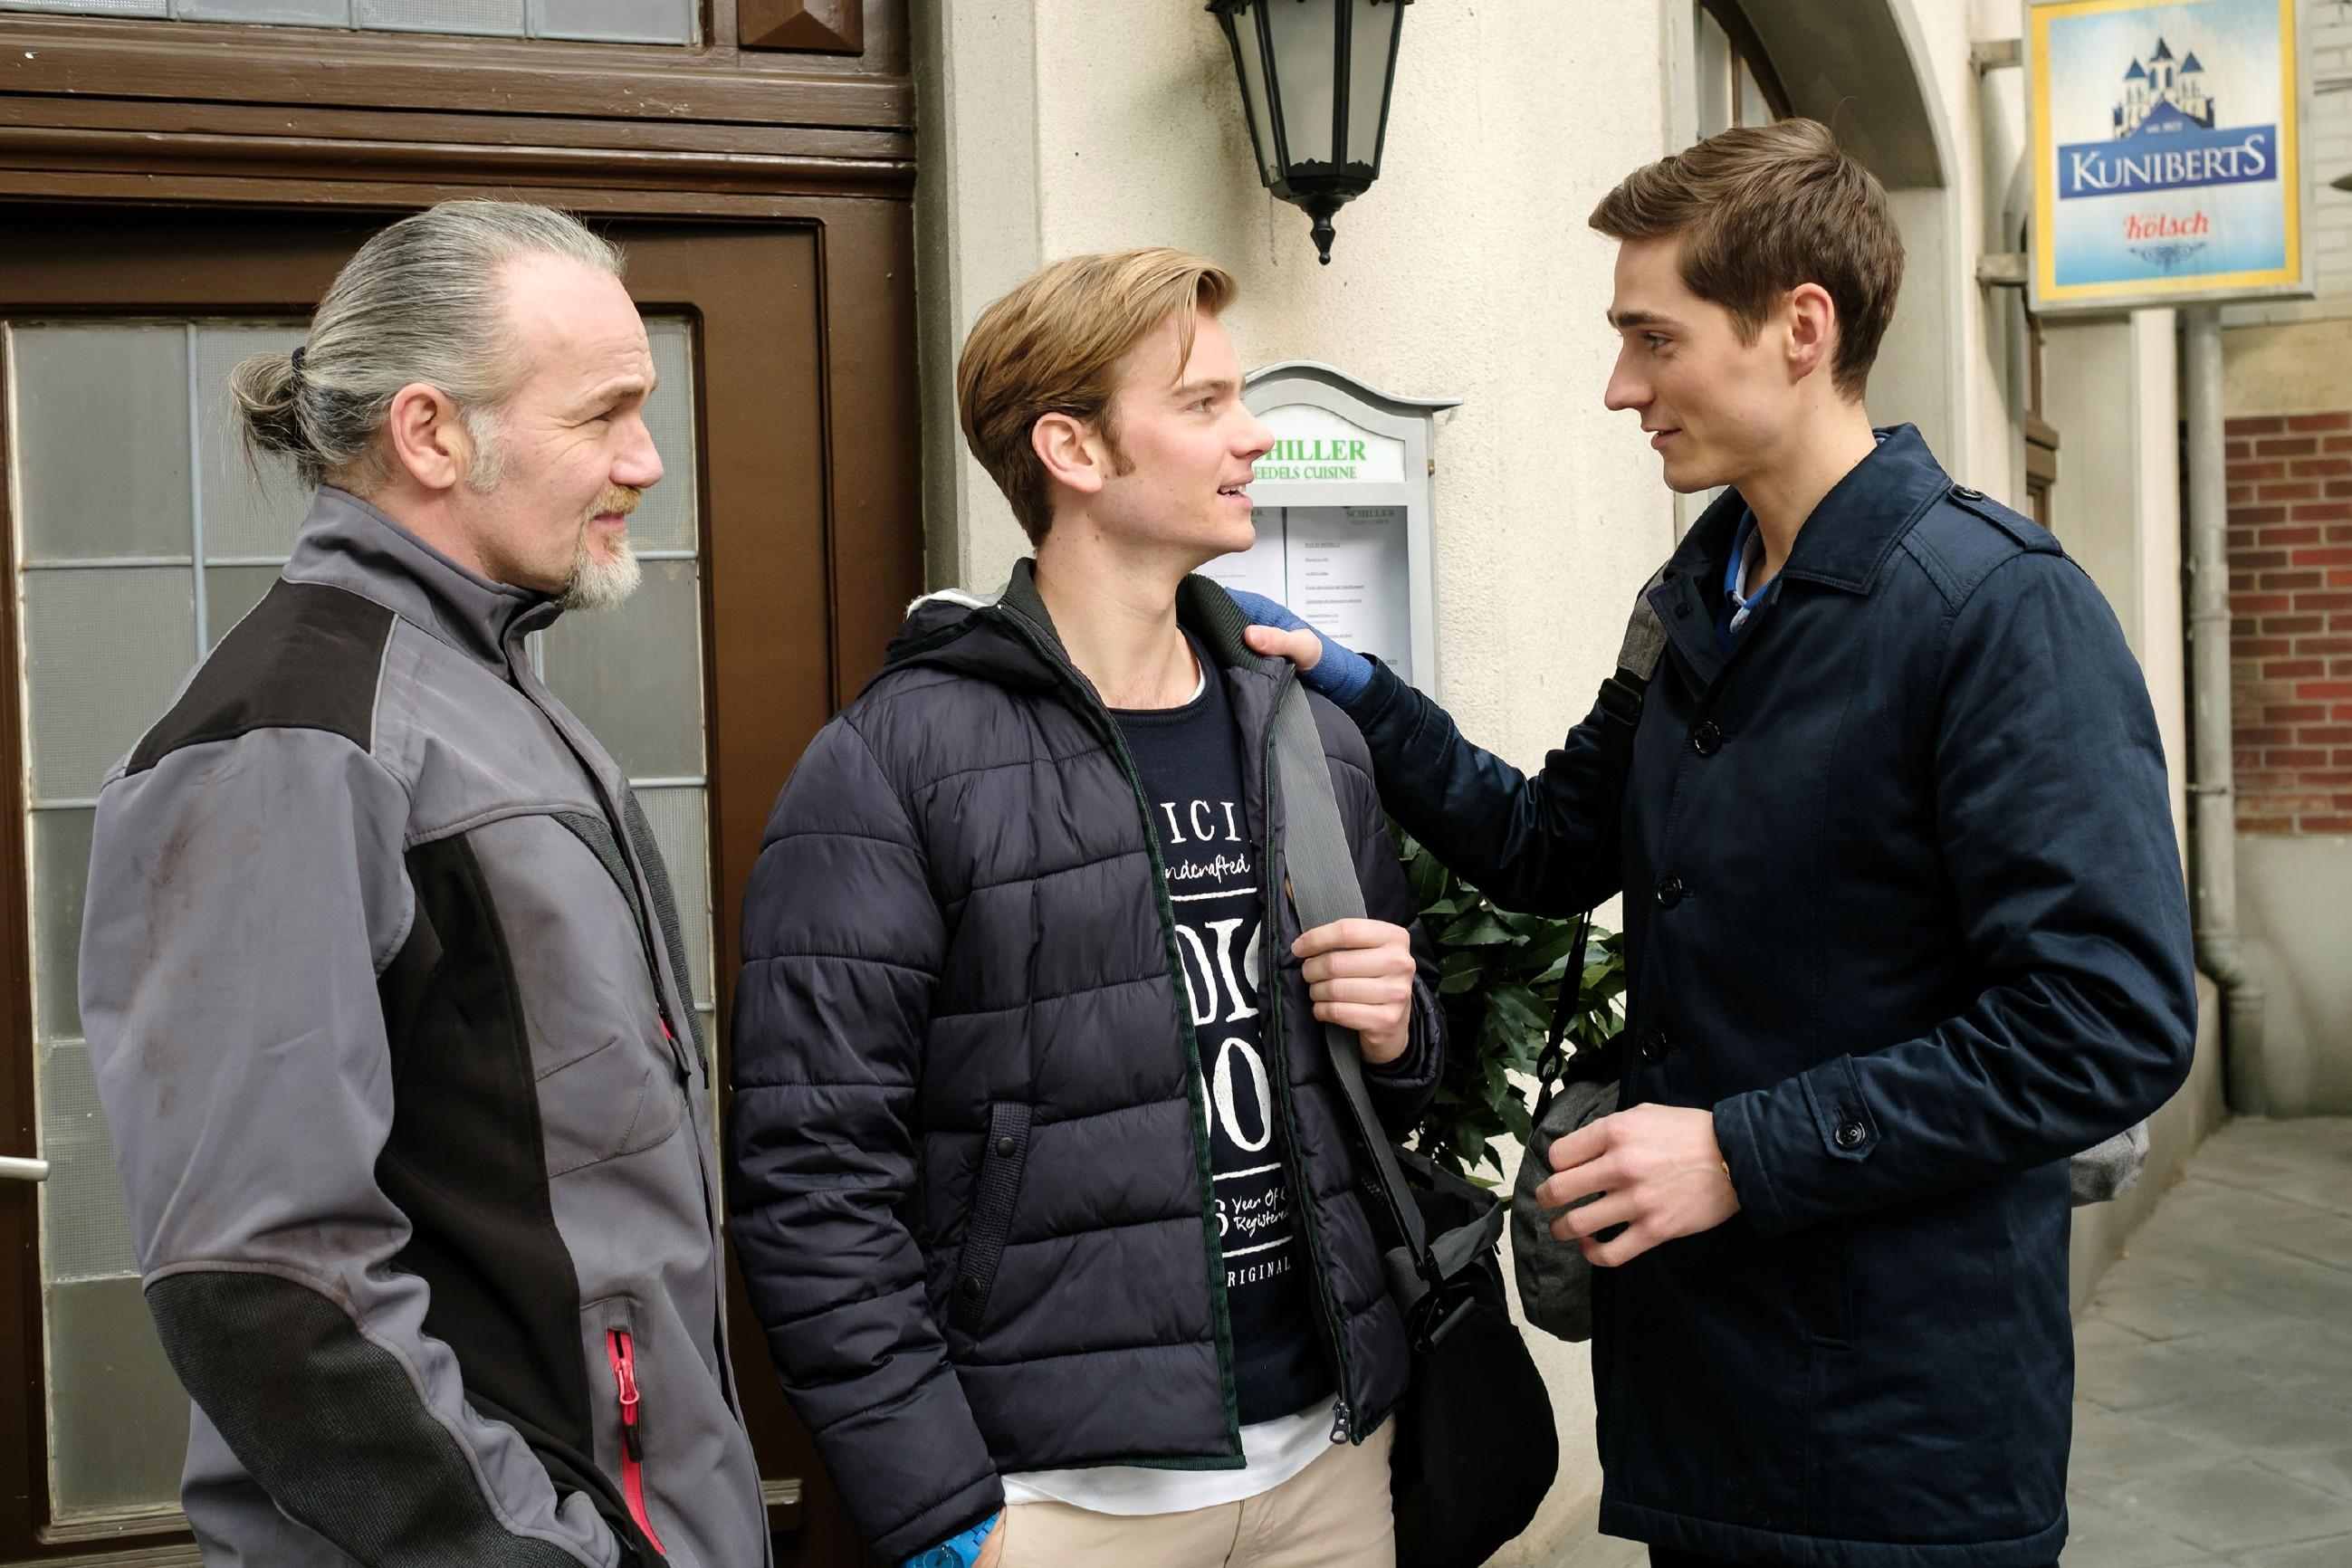 Robert (Luca Maric, l.) freut sich, dass Valentin (Aaron Koszuta, M.) und Ringo (Timothy Boldt, r.) eine freundschaftliche Ebene gefunden haben. (Quelle: RTL / Stefan Behrens)